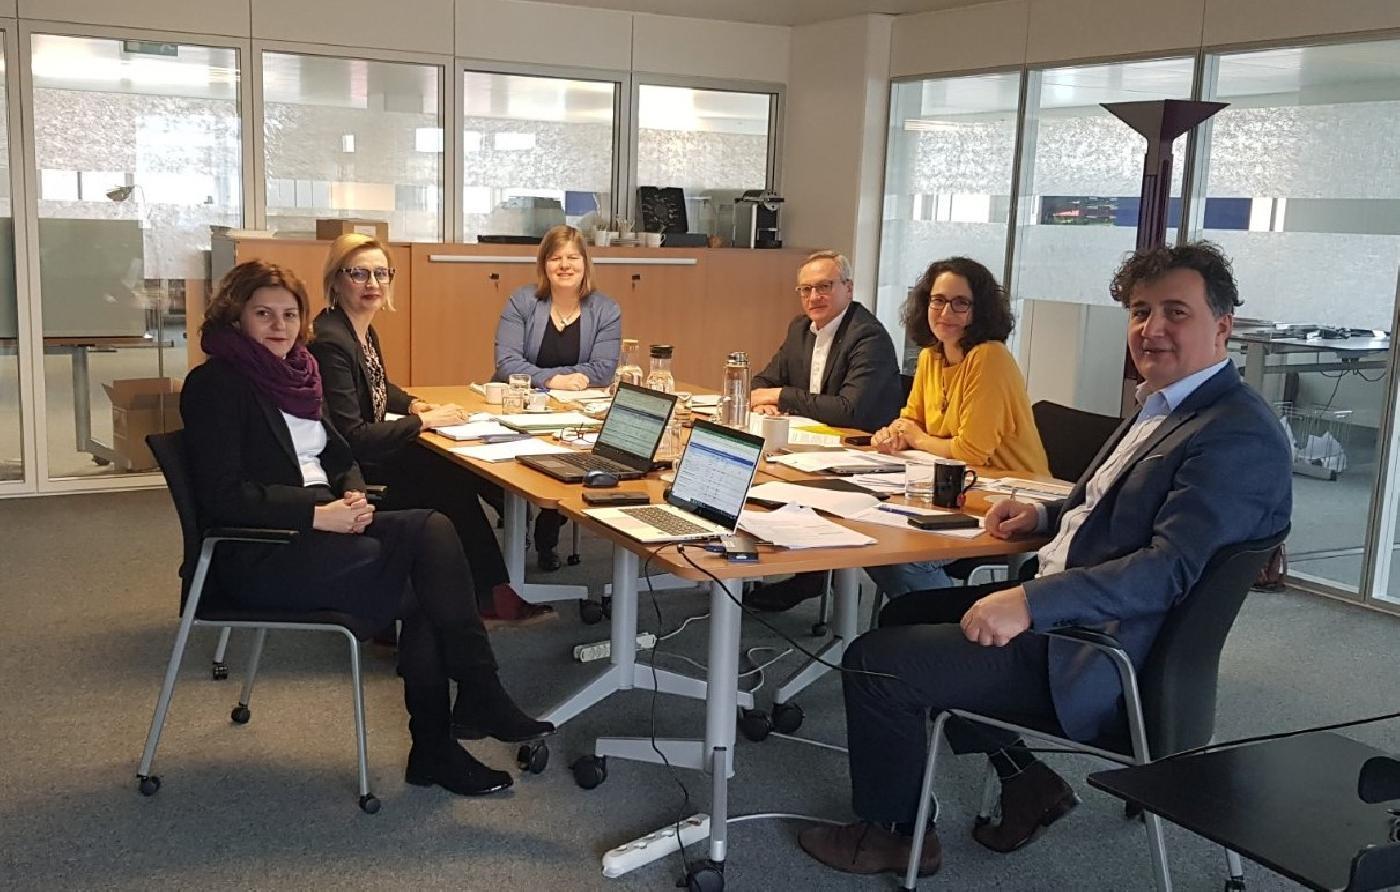 U Švicarskoj potpisan Ugovor o saradnji između Udruženja Aquasan mreža u BiH, Švicarskog sekretarijata za ekonomsku pomoć (SECO) i Švicarskog udruženja za vode i otpadne vode (VSA)